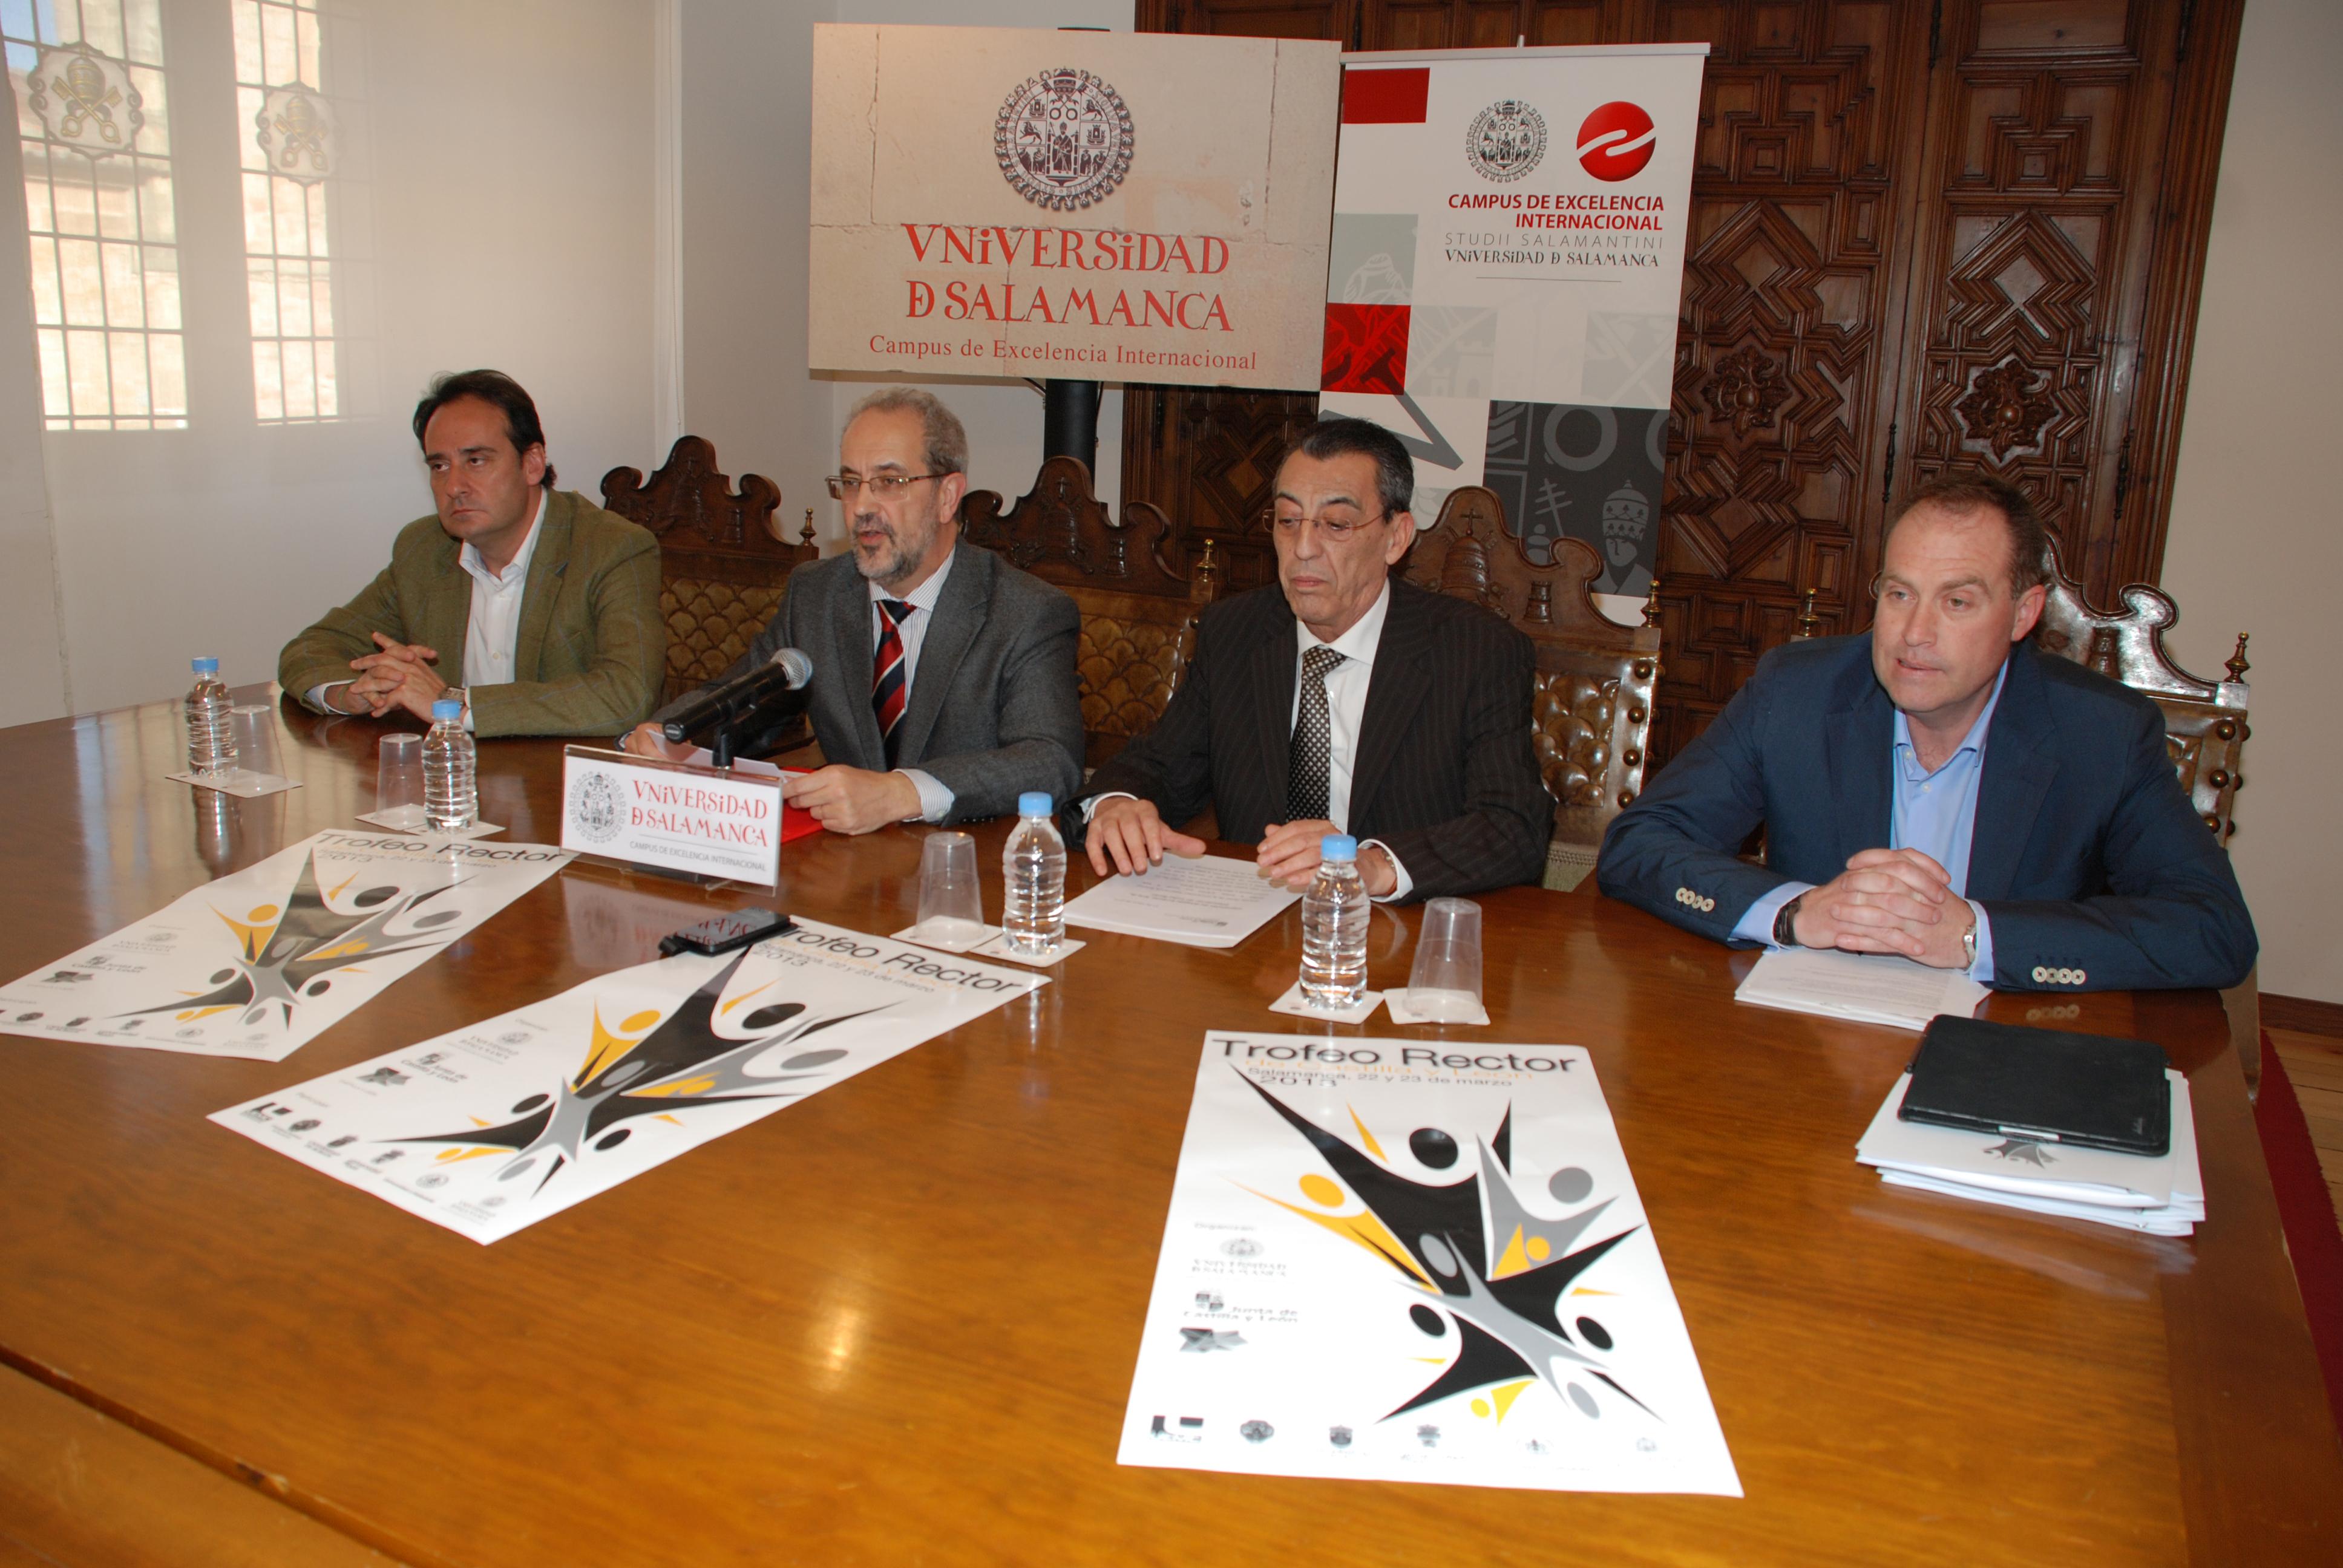 Casi 600 deportistas de la región participarán en el Trofeo Rector Castilla y León organizado por la Universidad de Salamanca